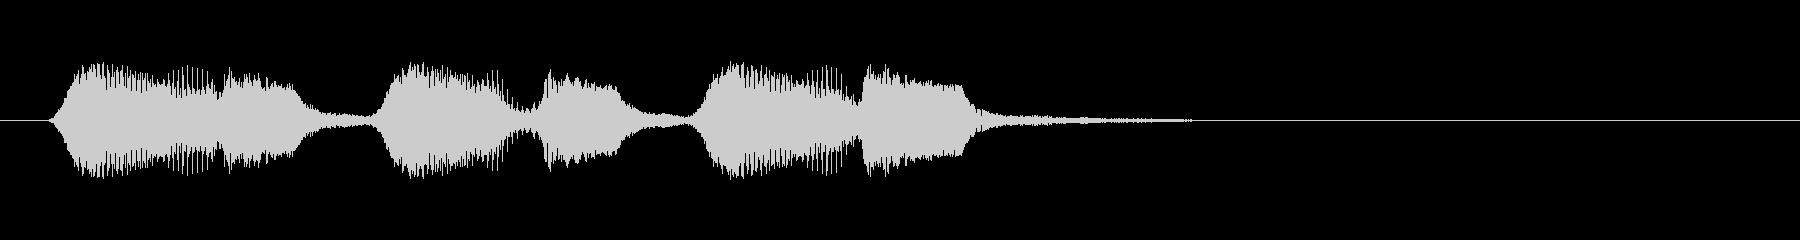 コント ズッコケ効果音 フワフワ場面転換の未再生の波形